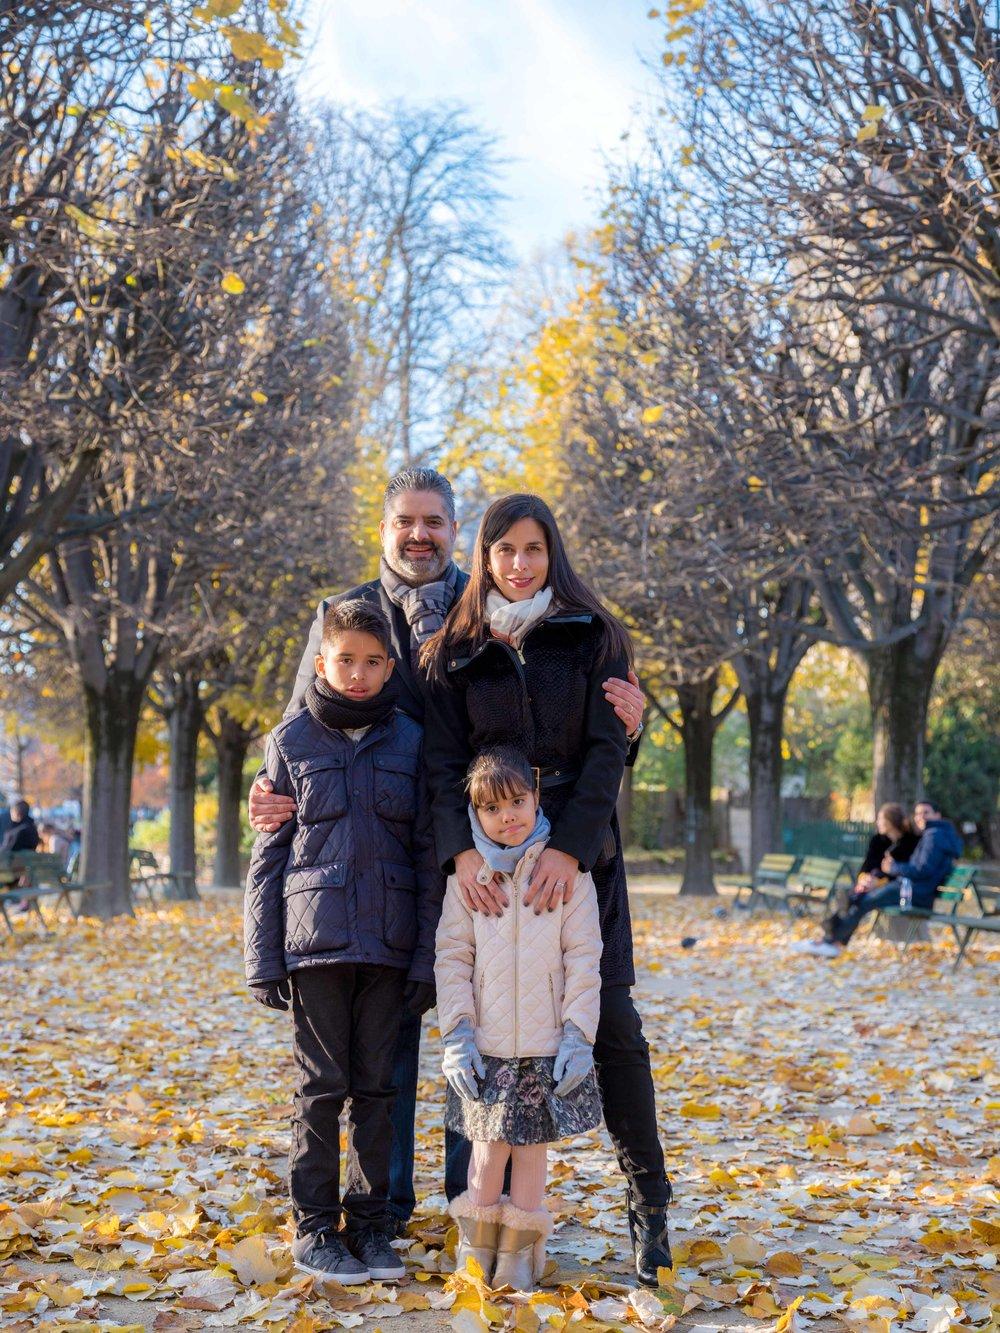 family in pqris in autumn